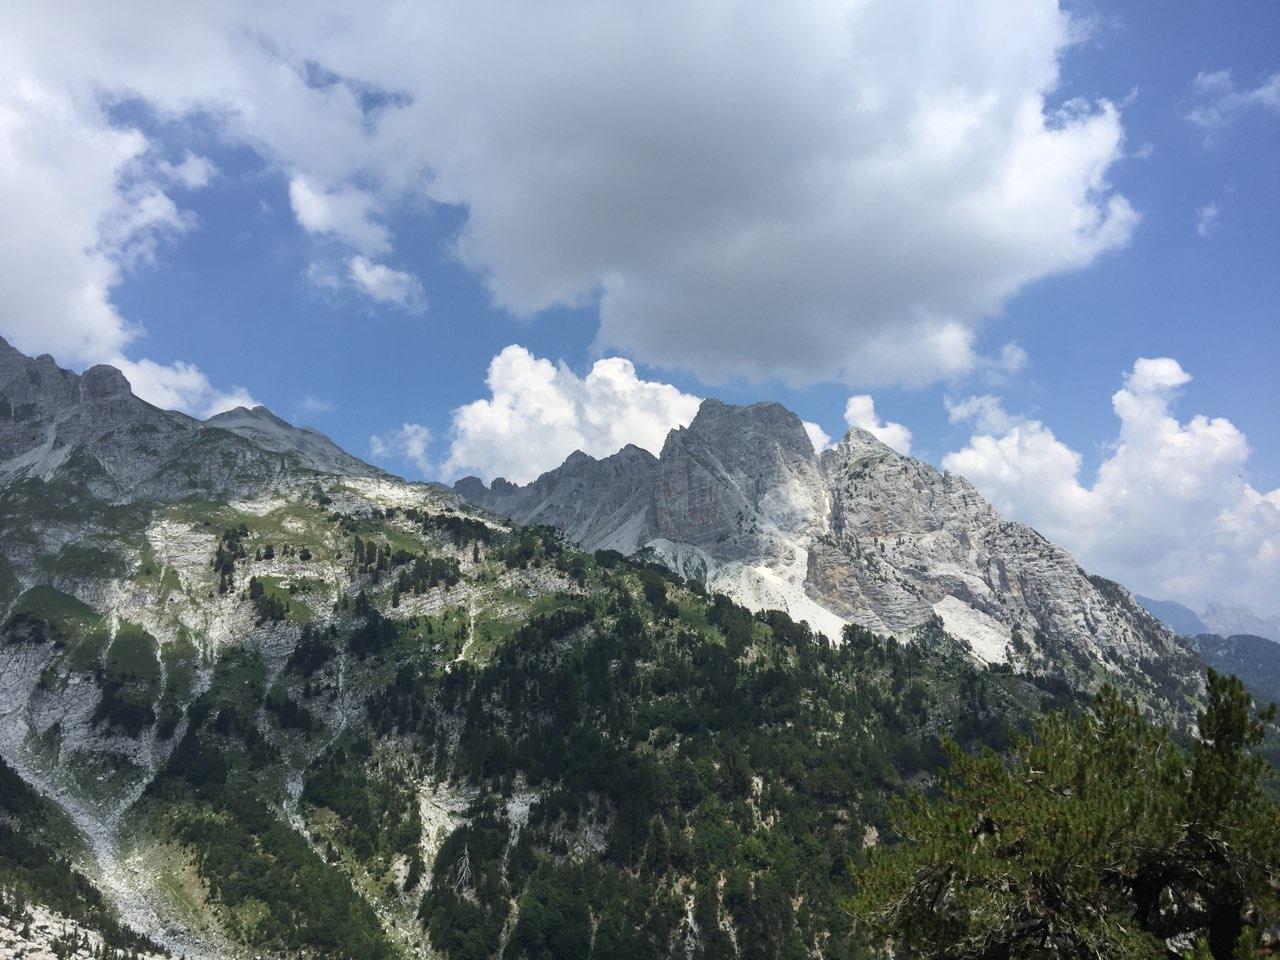 Kobilica Peak, Sharr Mountain